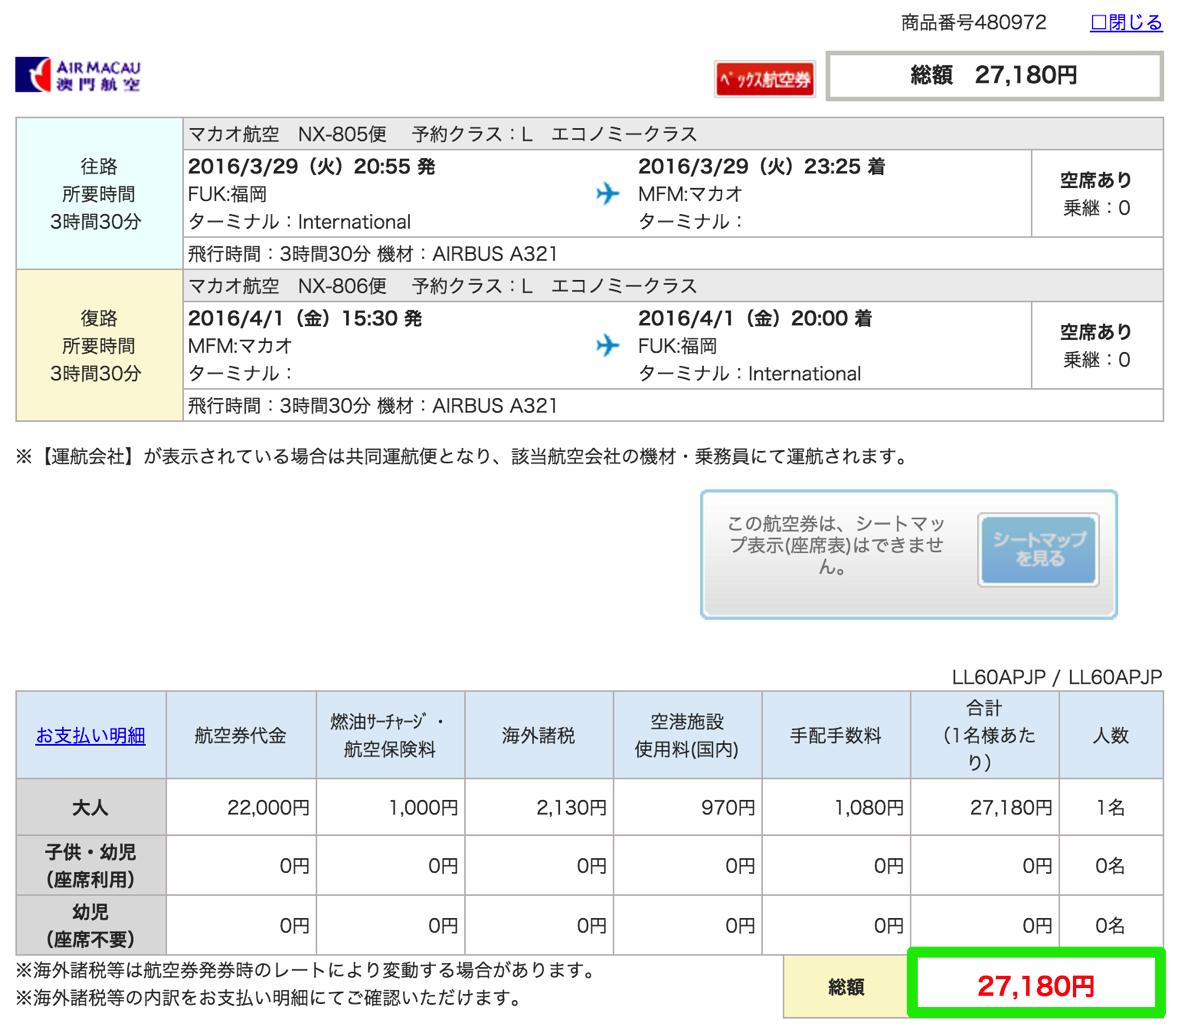 マカオ航空:福岡-マカオが往復22,00円